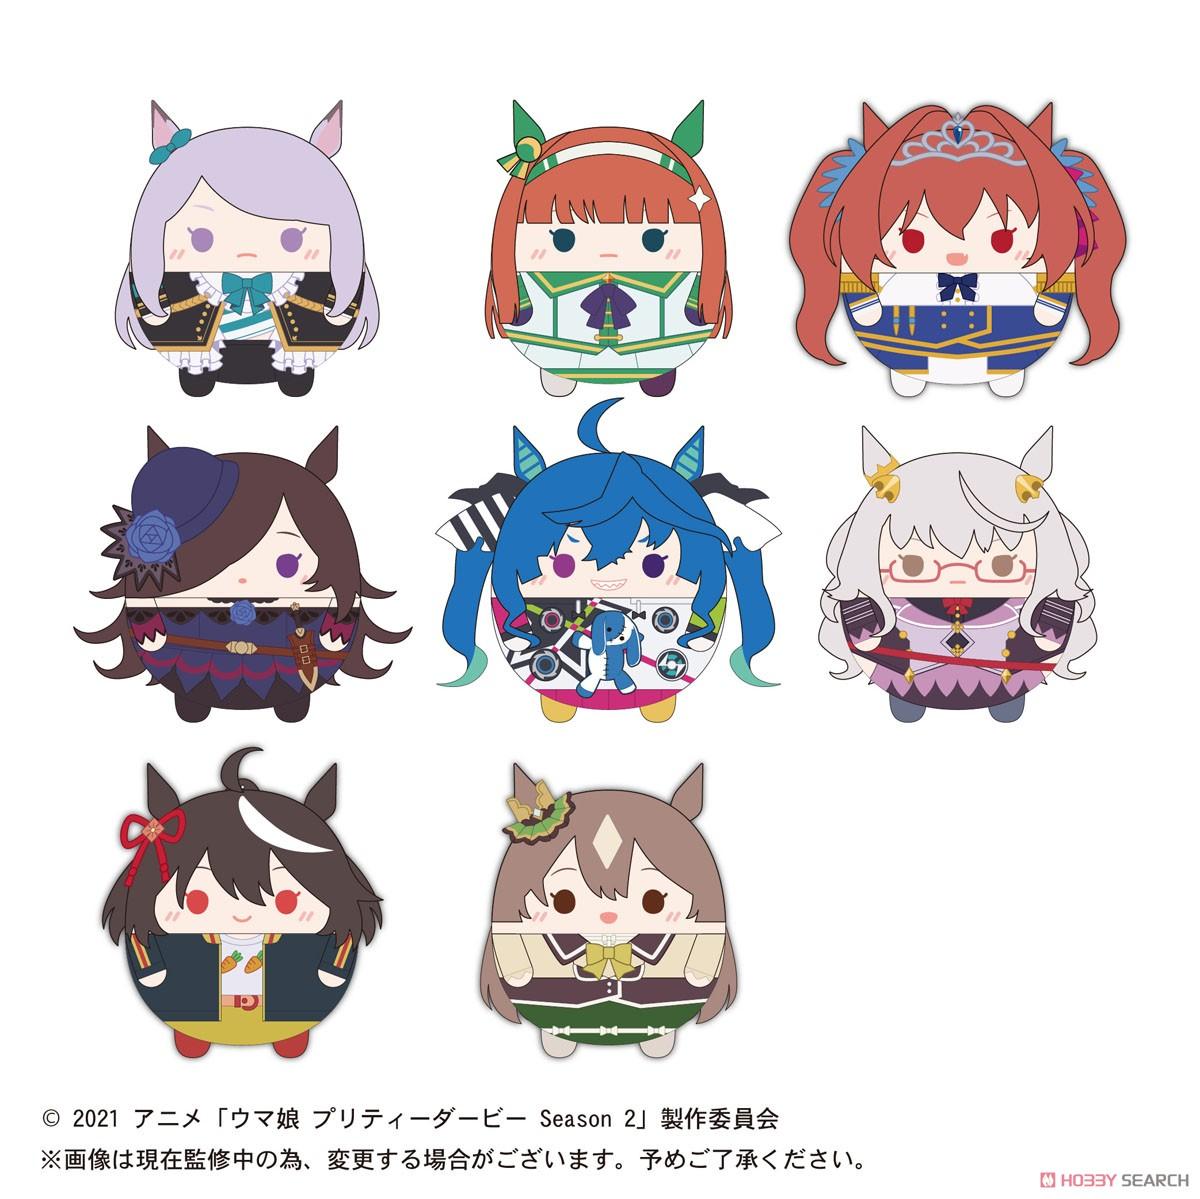 ウマ娘『TVアニメ ウマ娘 プリティーダービー Season2 ふわコロりん』8個入りBOX-010